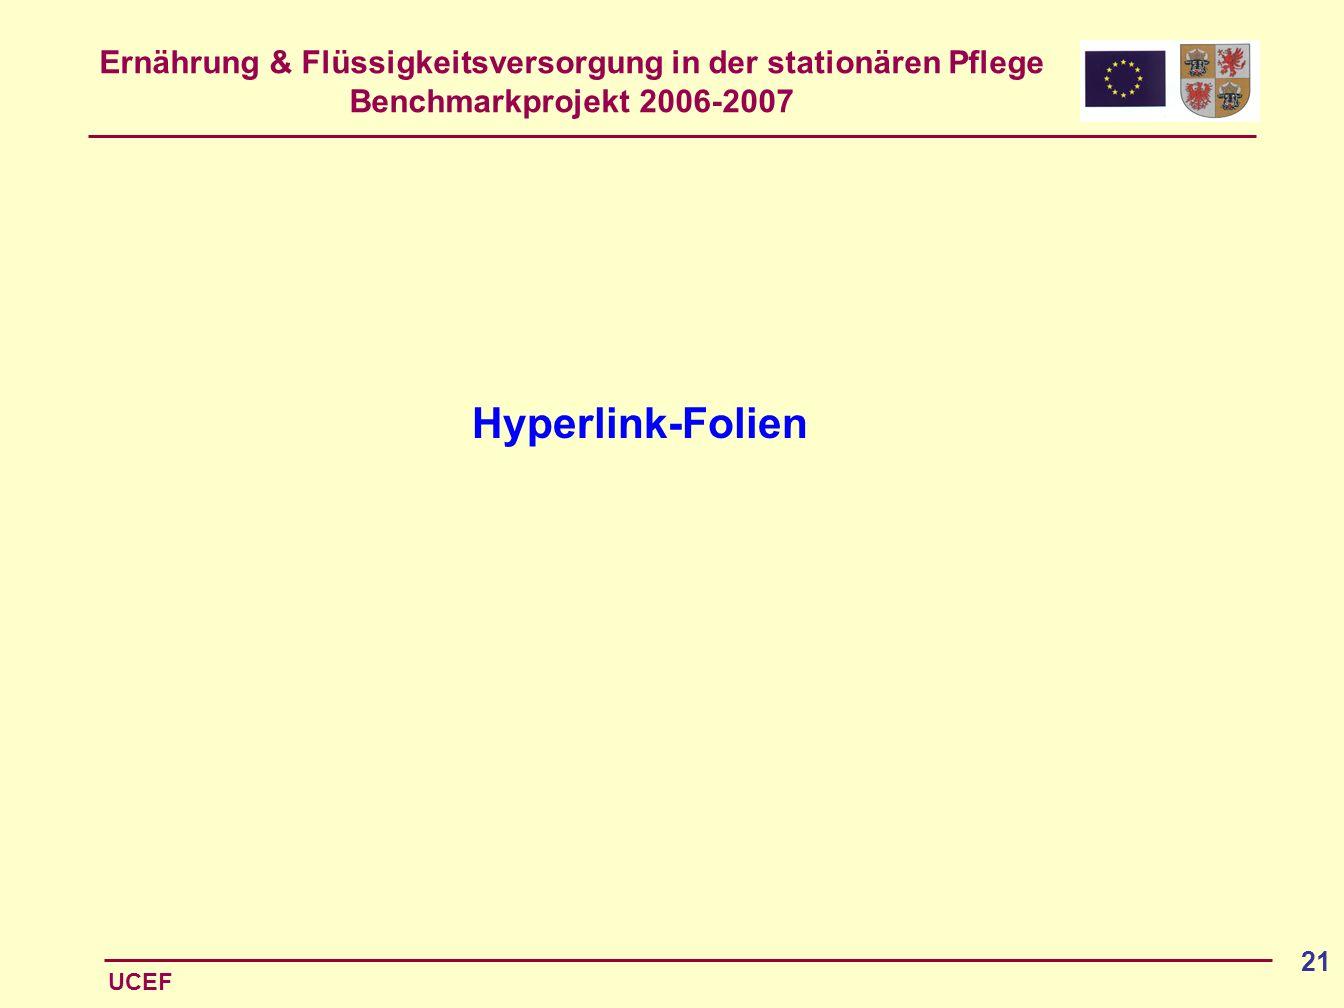 Ernährung & Flüssigkeitsversorgung in der stationären Pflege Benchmarkprojekt 2006-2007 UCEF 21 Hyperlink-Folien